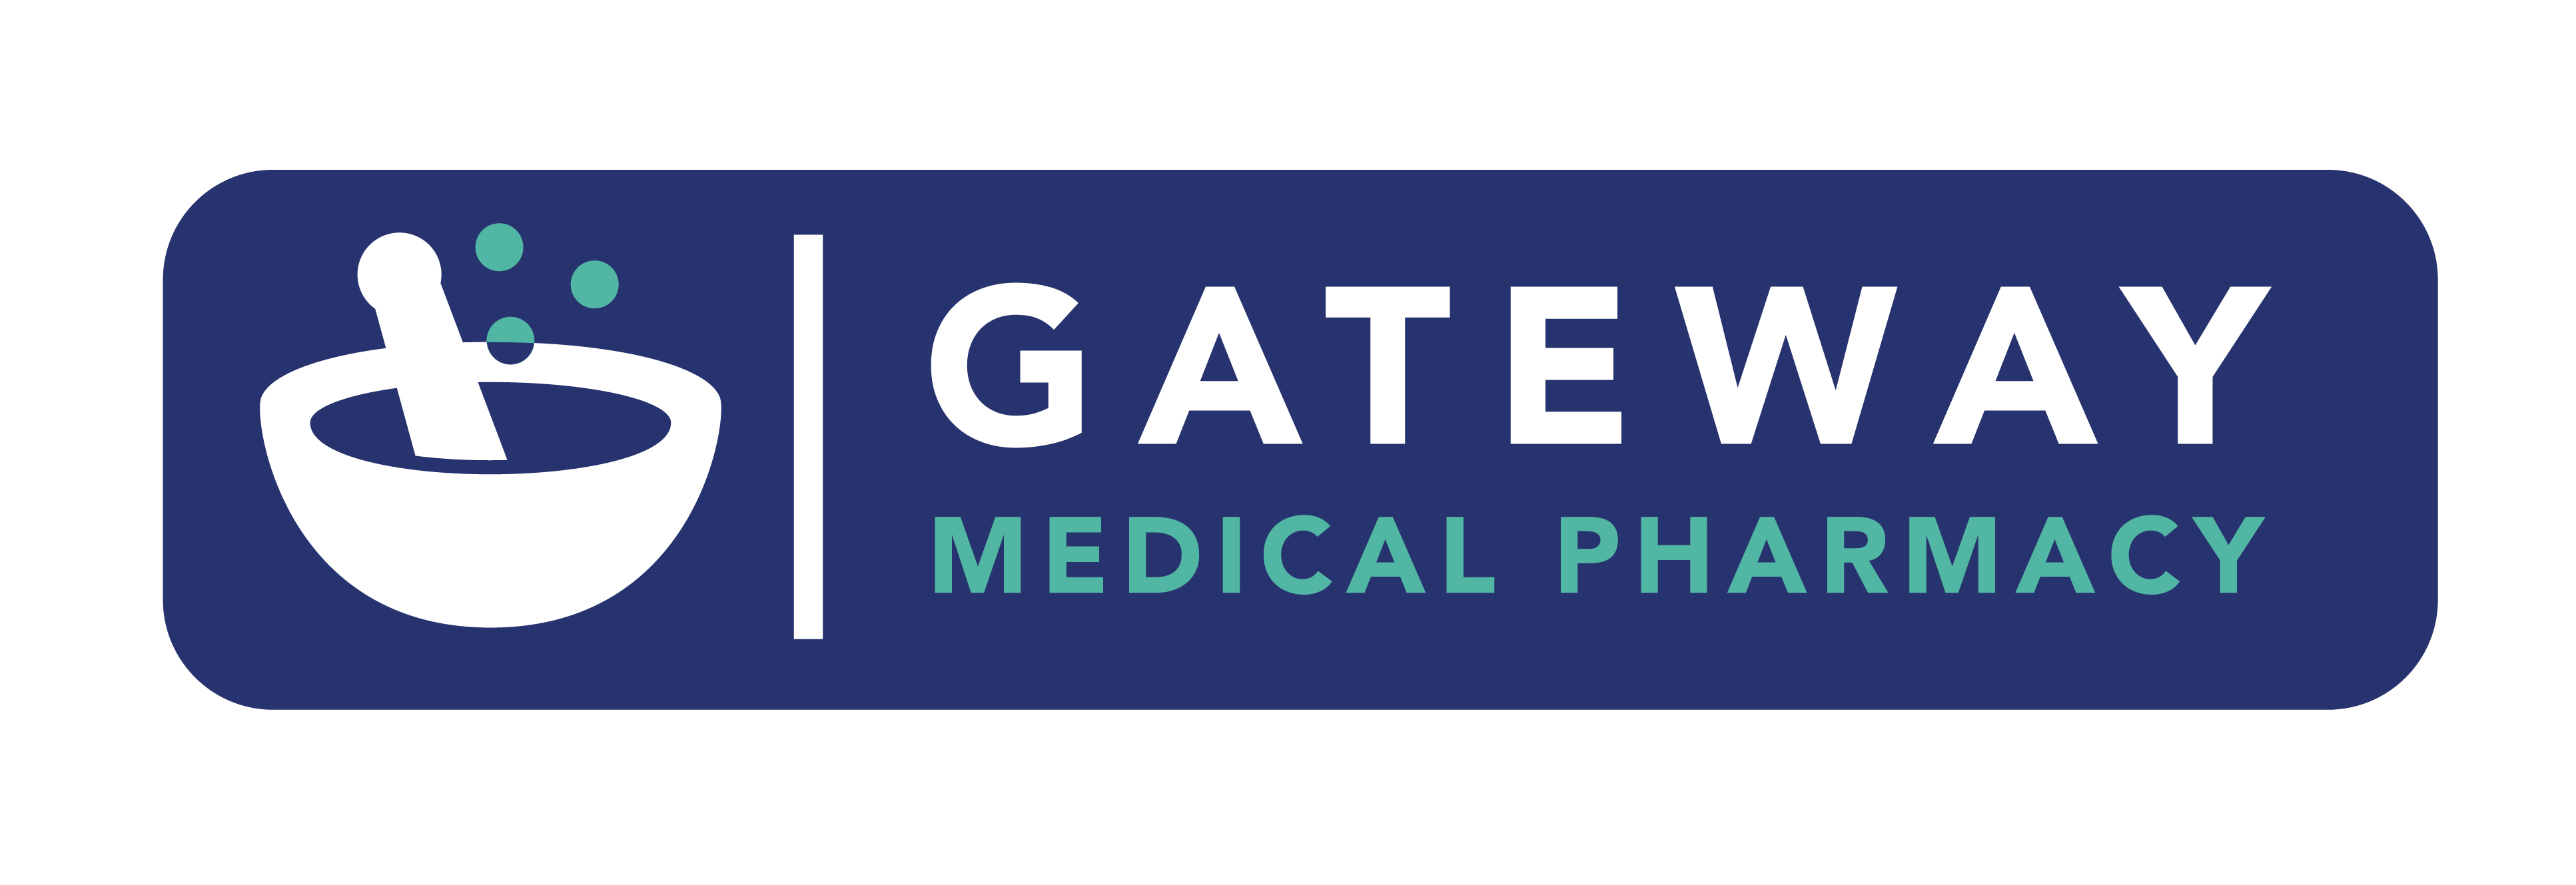 Compounding Prescriptions - Long Term Care - Mail Order - Gateway ...